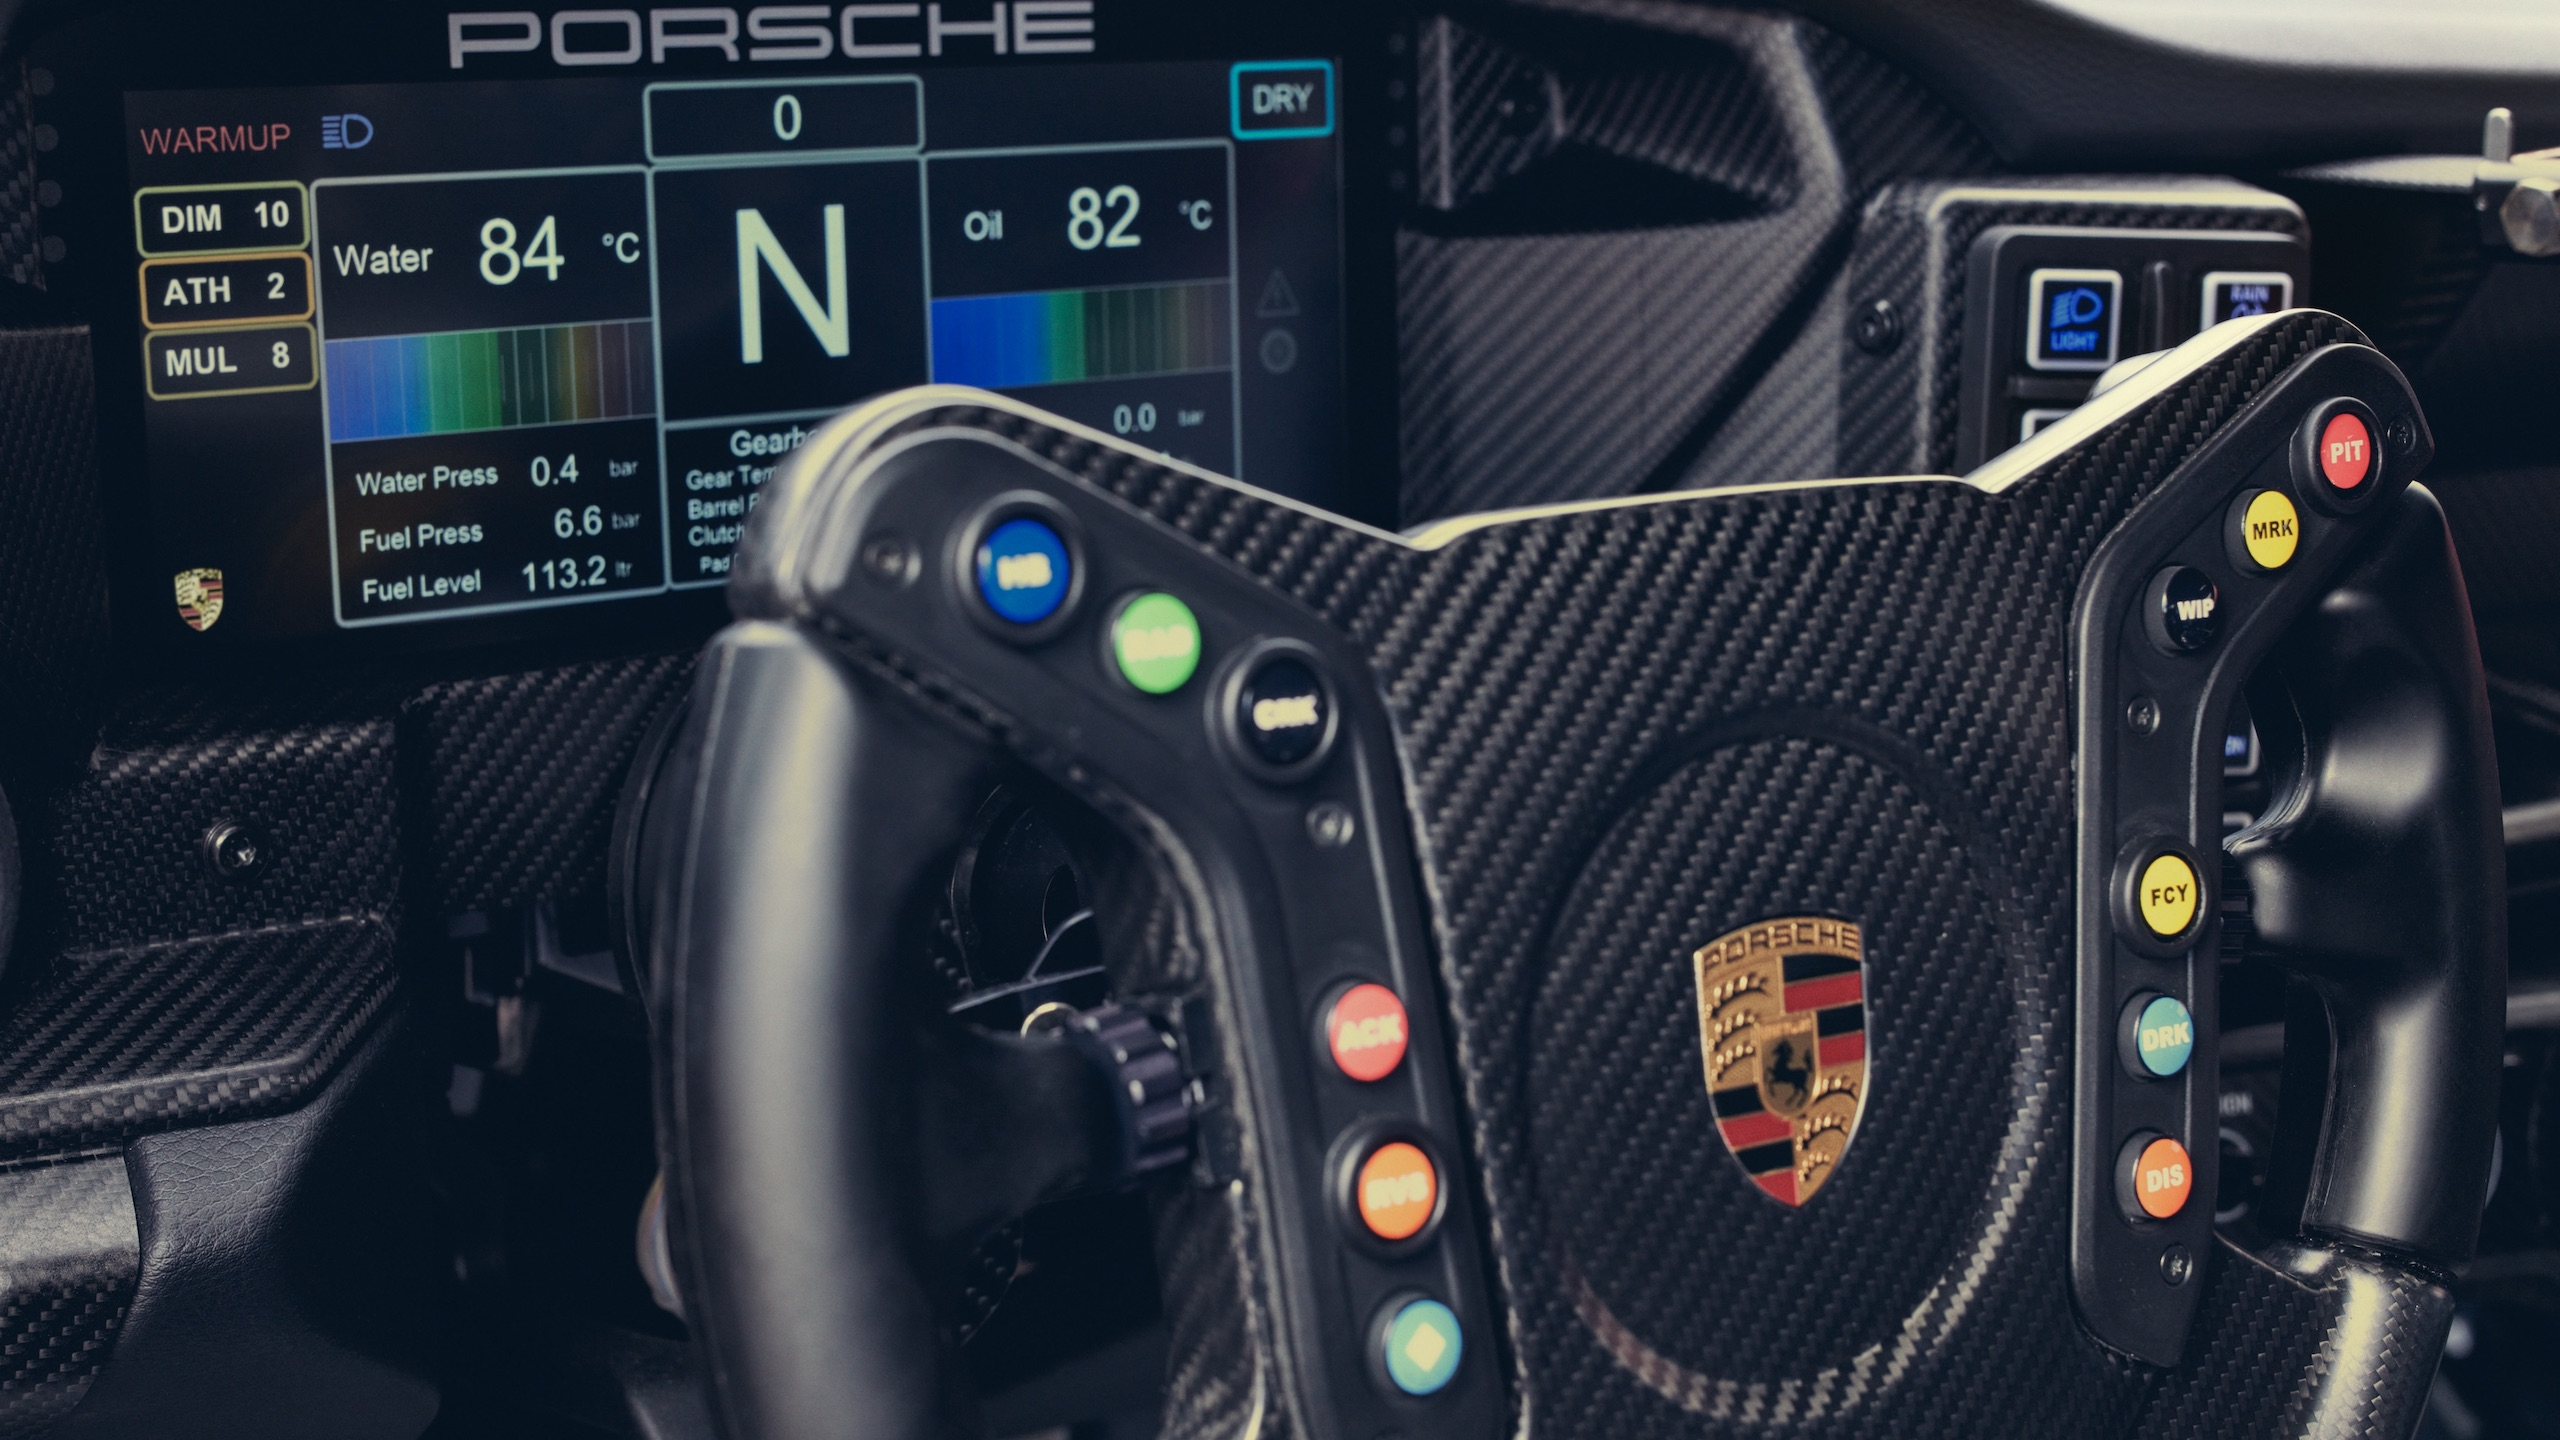 Porsche 911 GT3 interior wheel and dash details